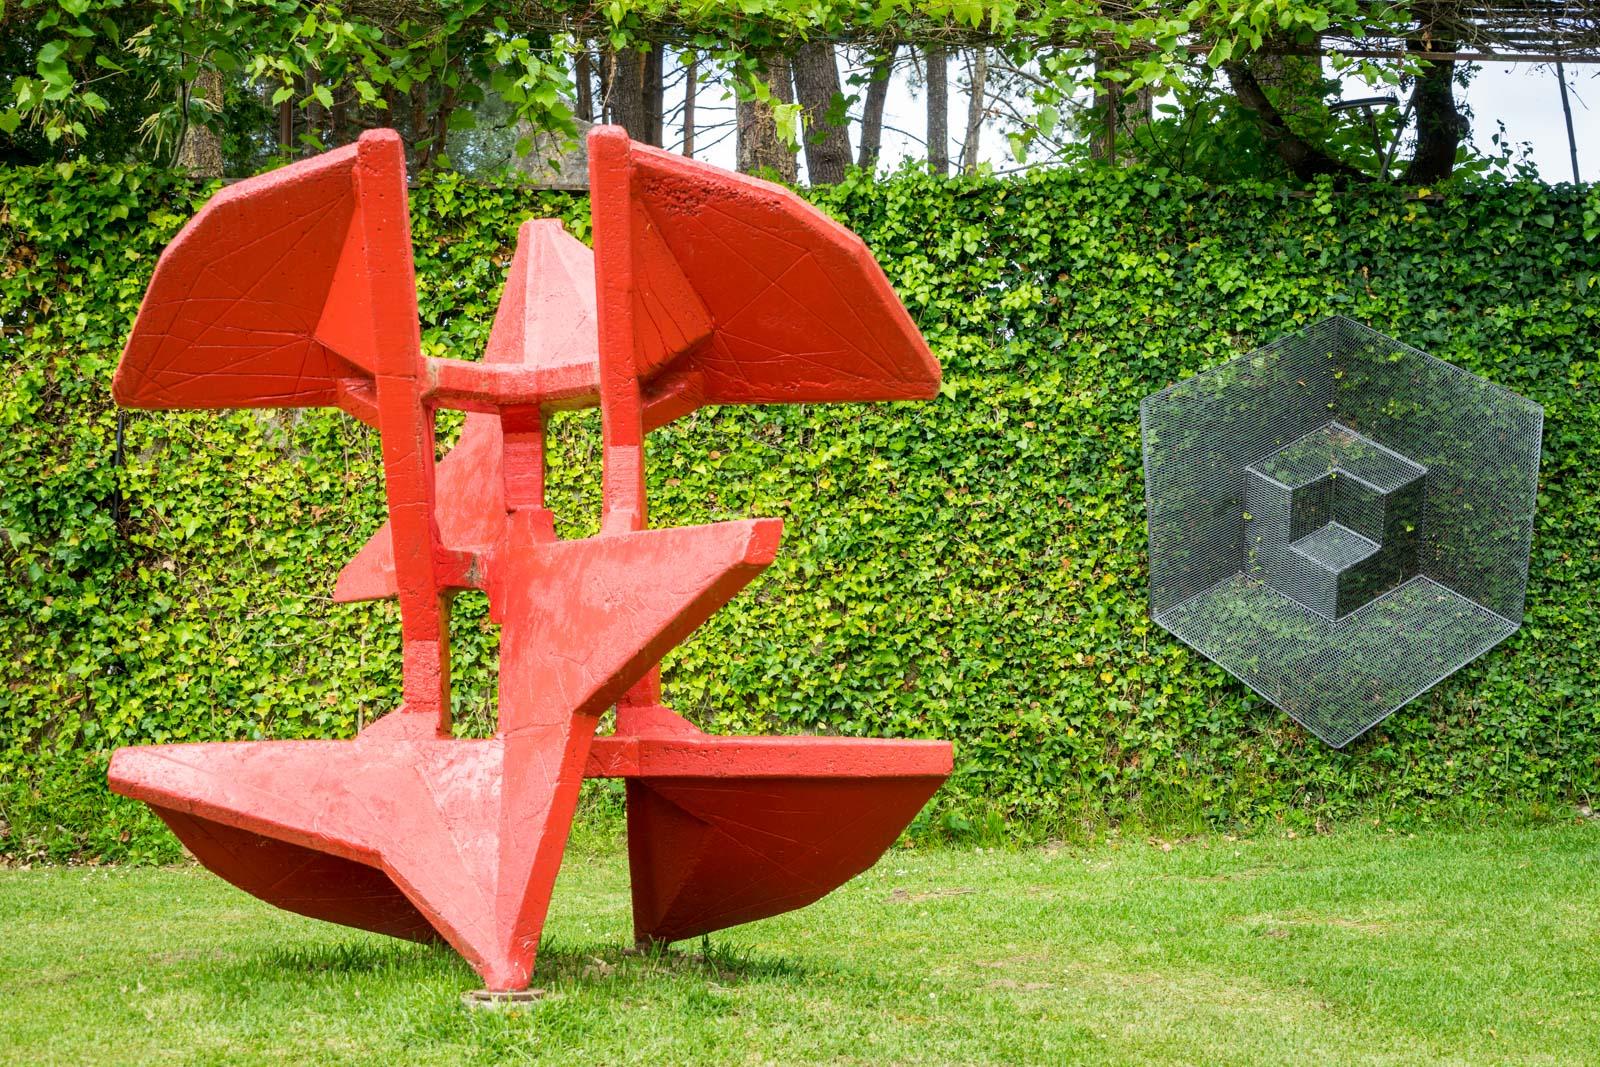 Manolo Paz Foundation, Cambados, Galicia, Spain